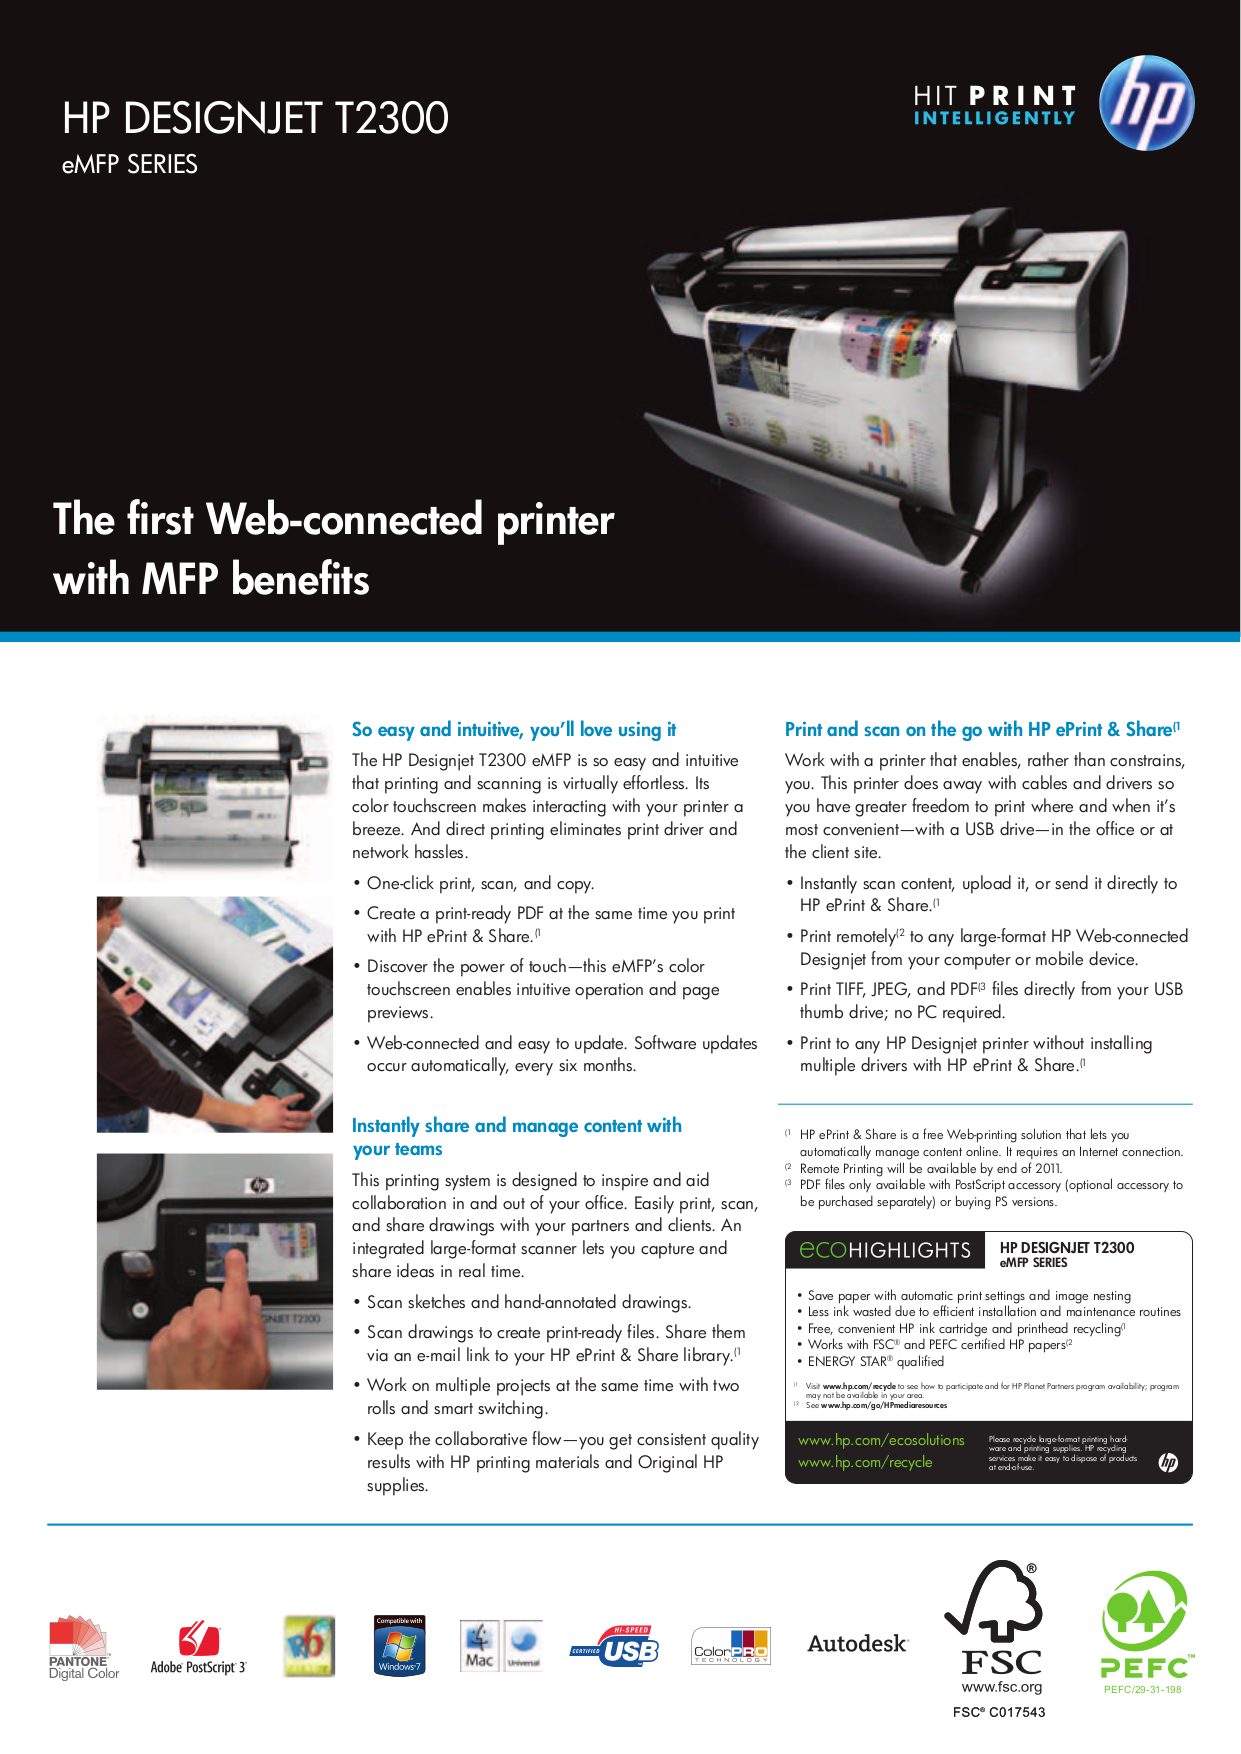 download free pdf for hp designjet t2300 printer manual rh umlib com HP Designjet Z3200 hp designjet t2300 emfp user manual